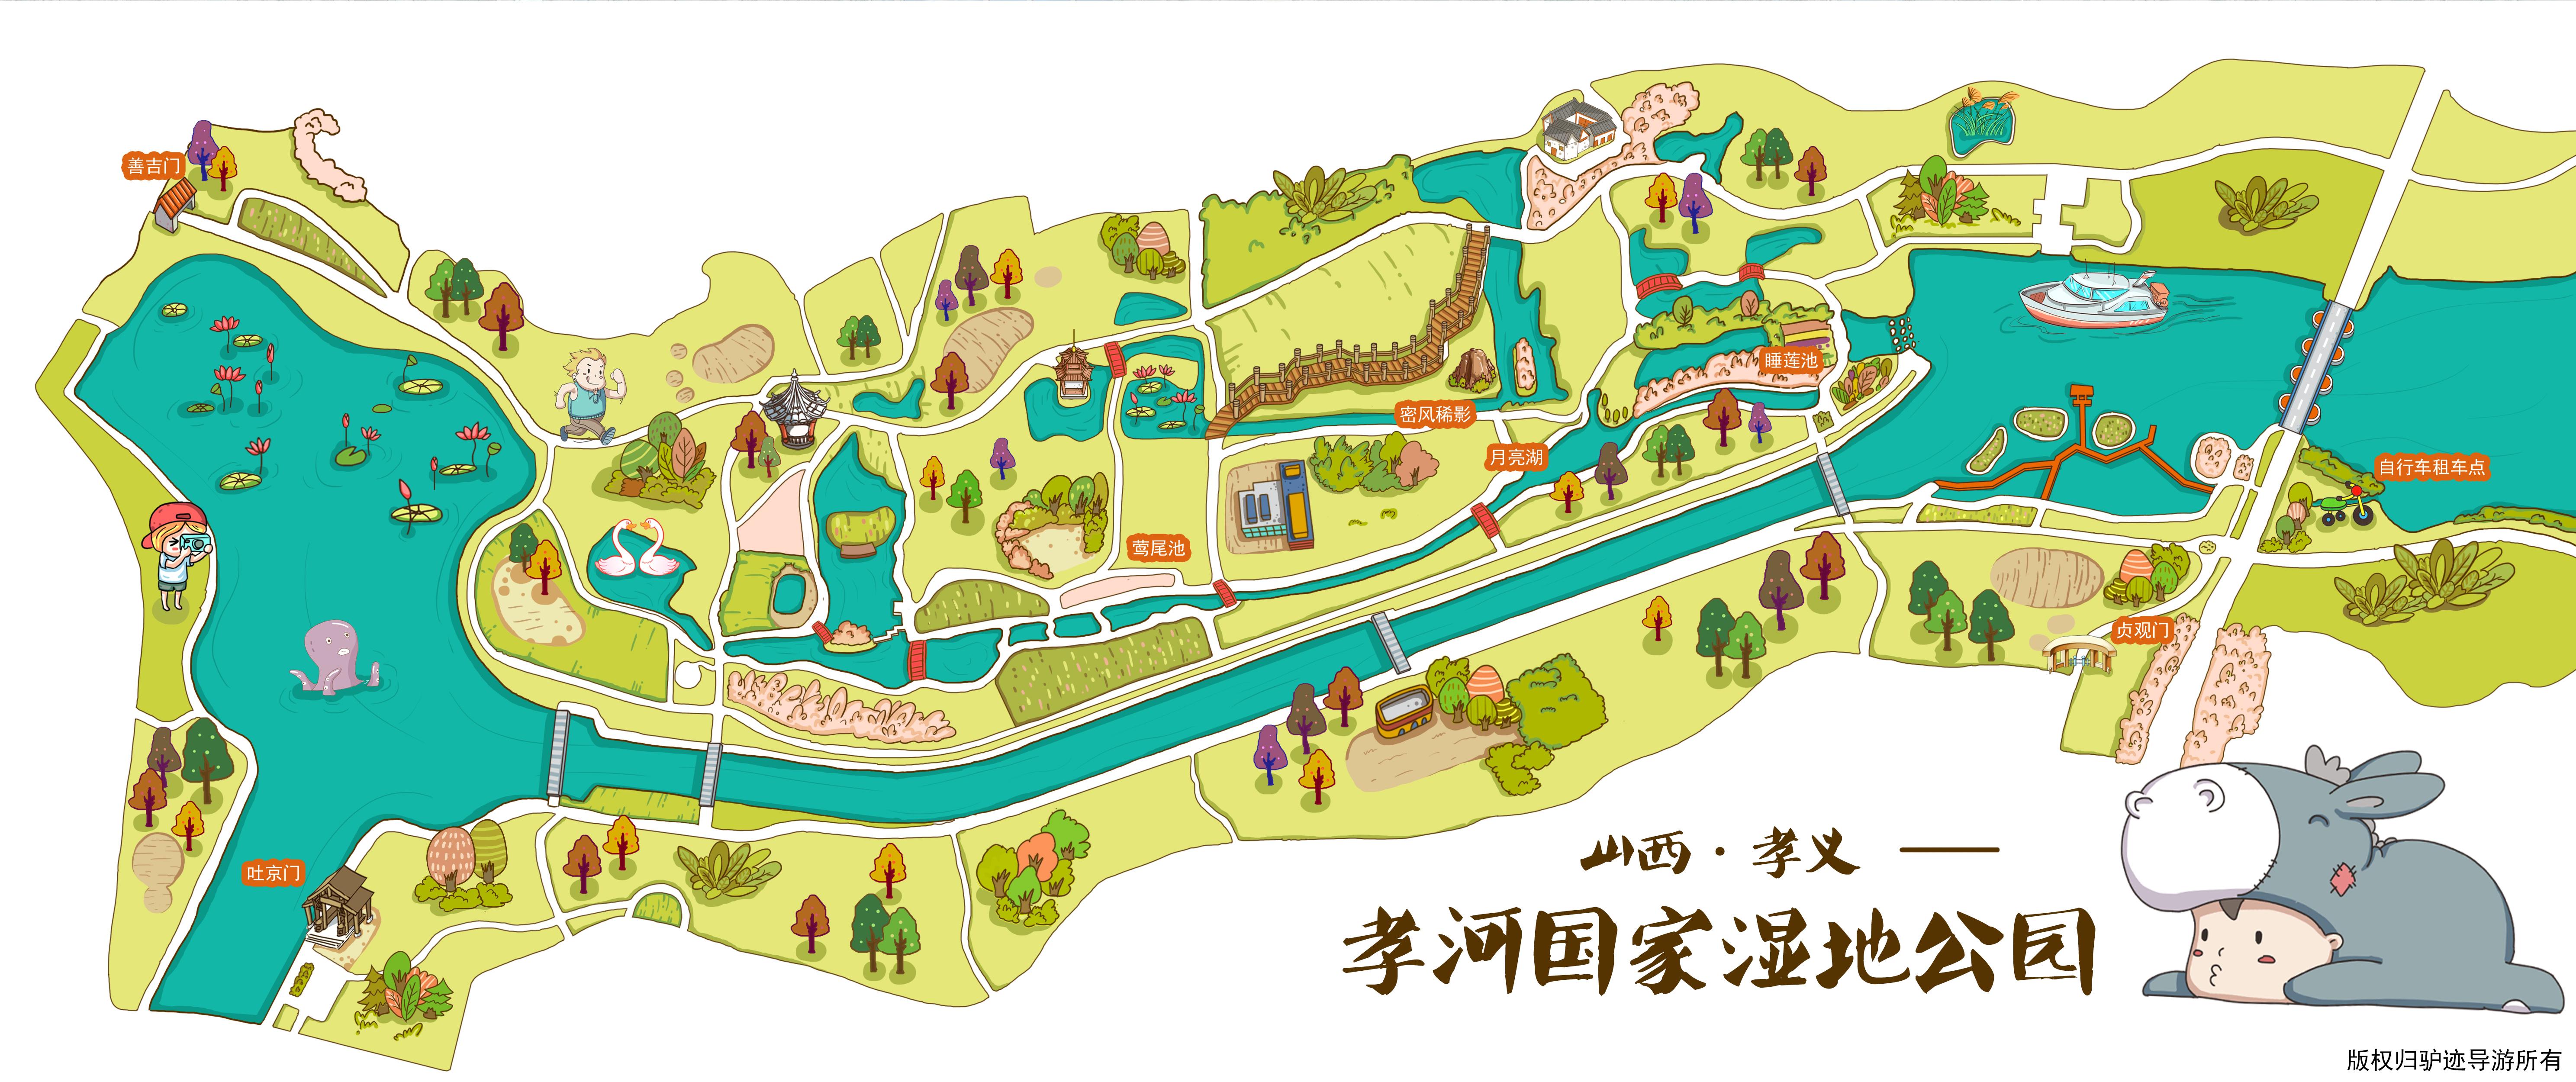 山西孝河国家湿地公园手机导游【全景地图,园内导航,线路推荐,自动